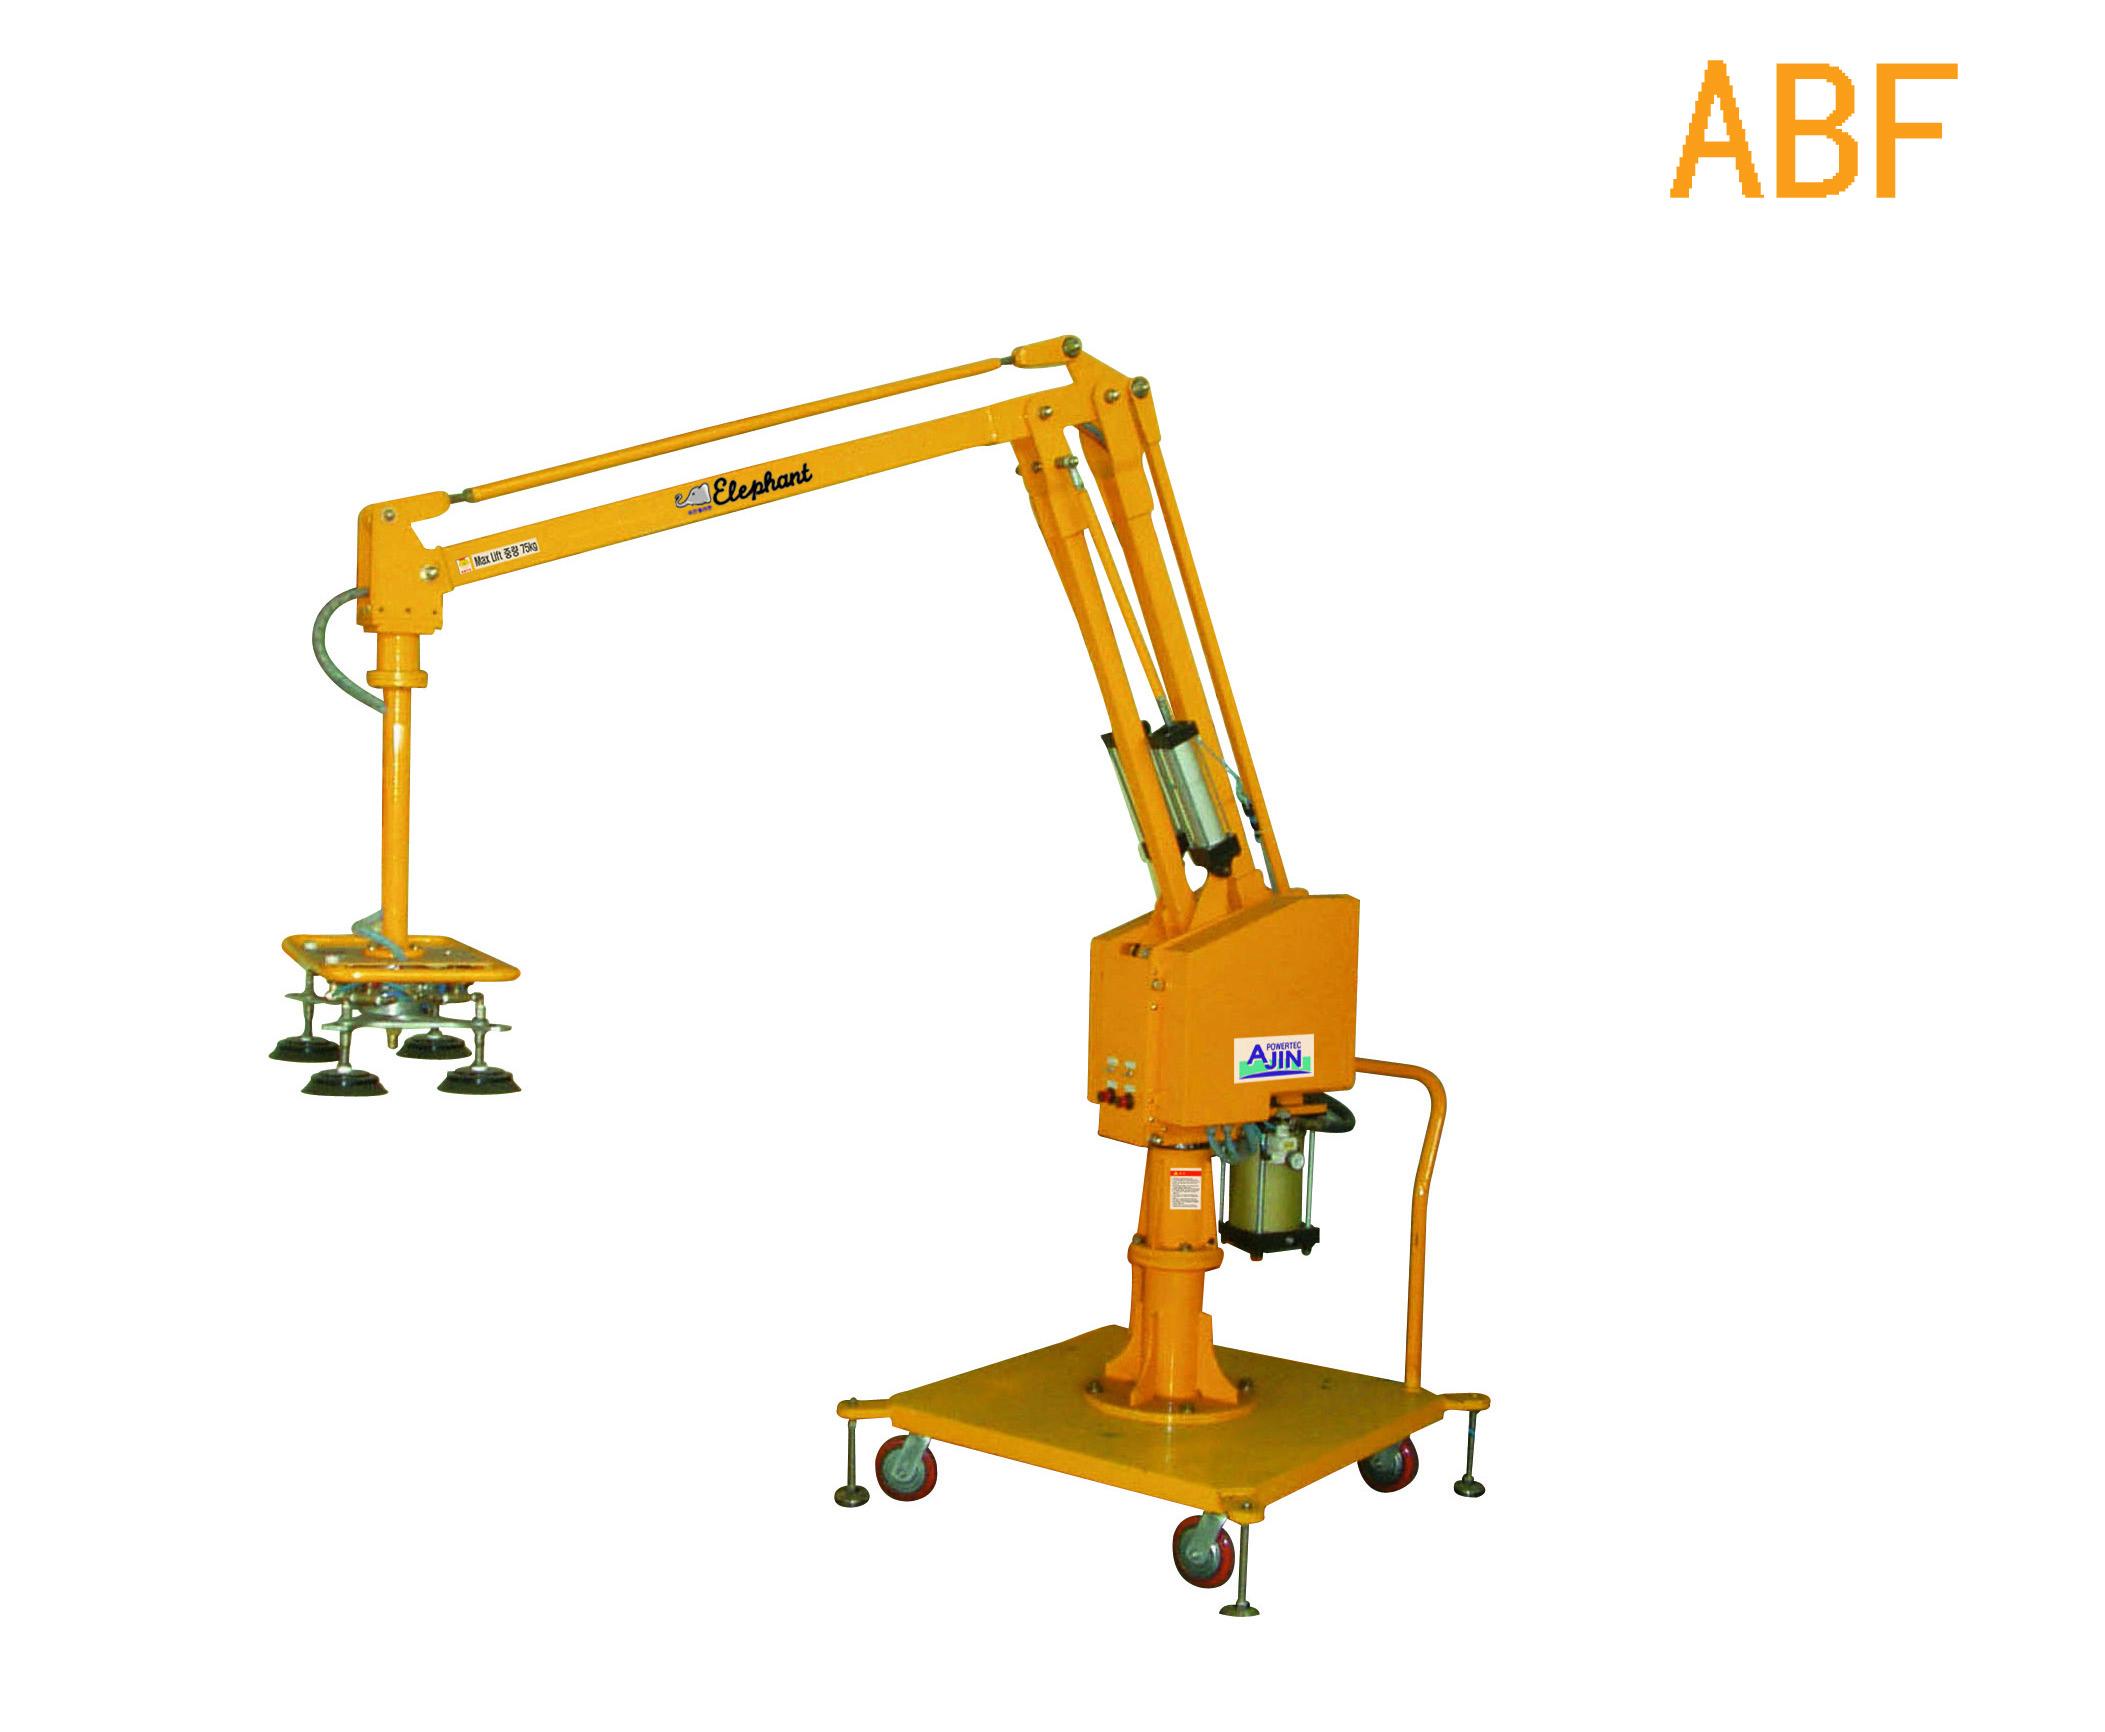 硬臂式助力机械手ABF型-1